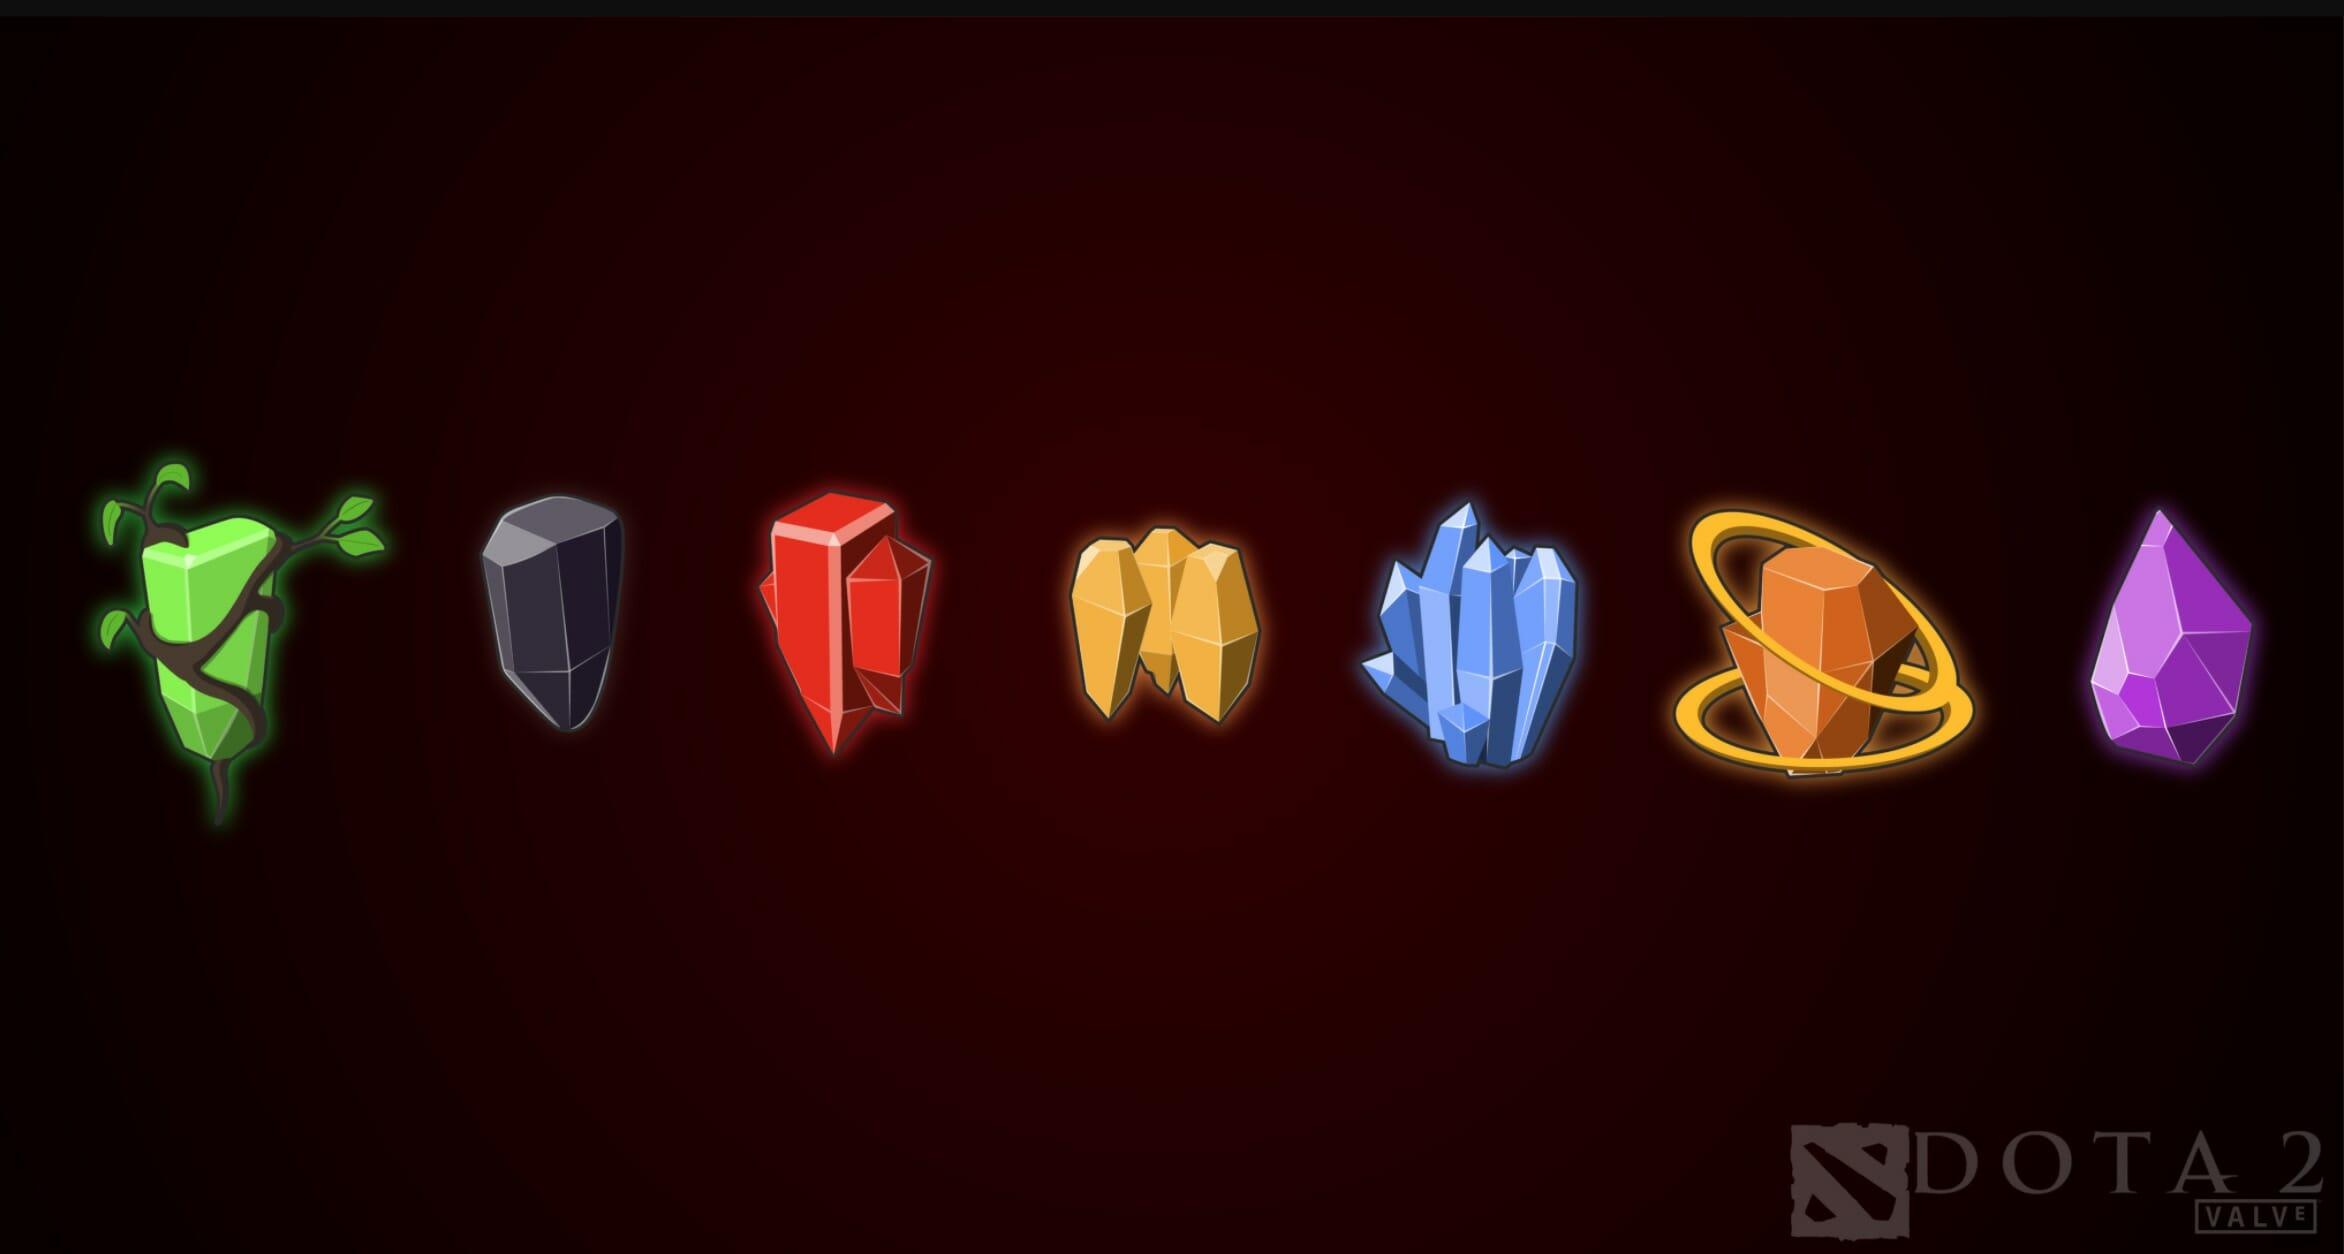 Dota 2 runes